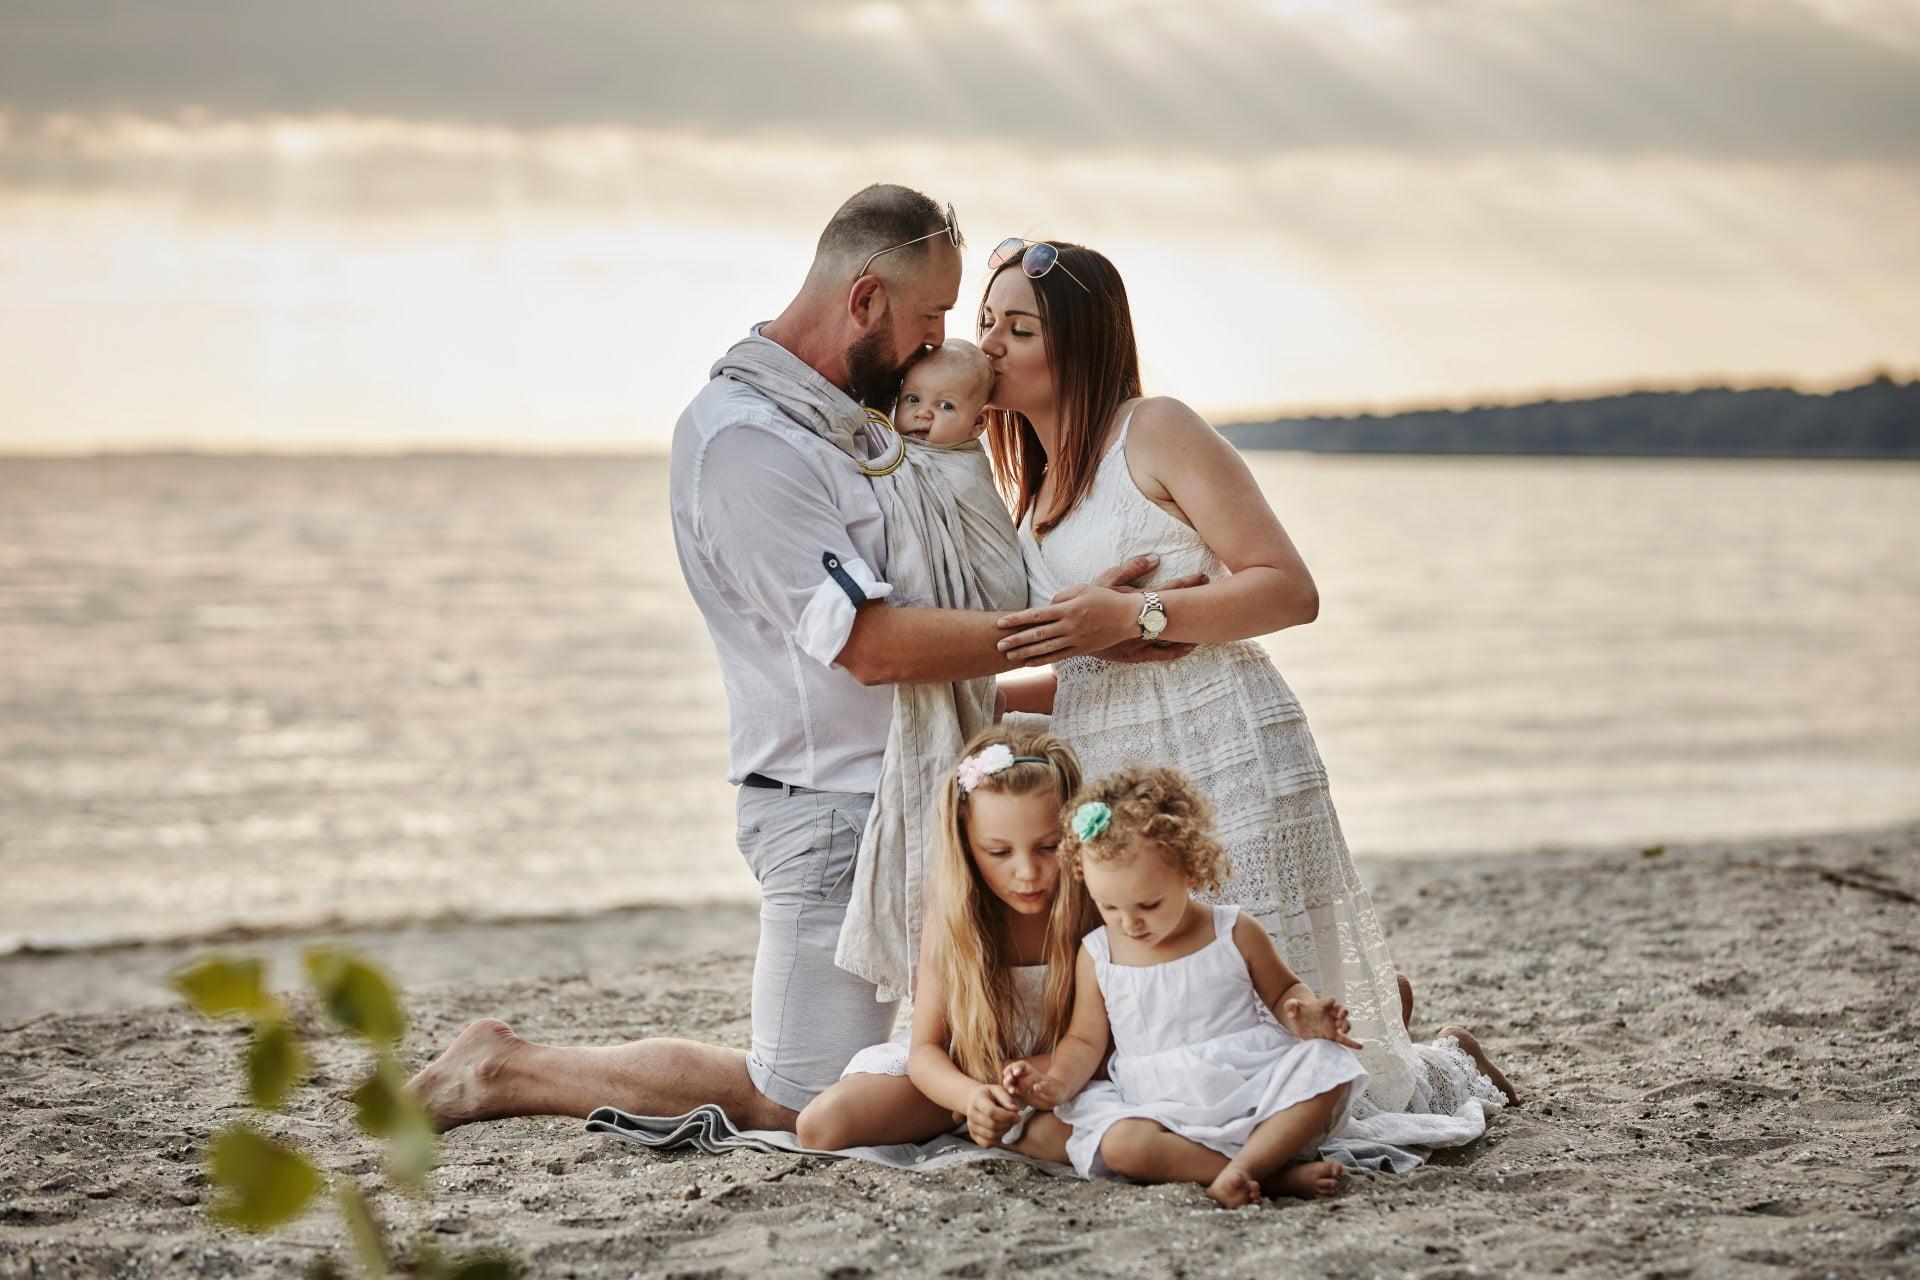 sesja rodzinna Świnoujście fotografia rodzinna w wykonaniu Przemek Białek